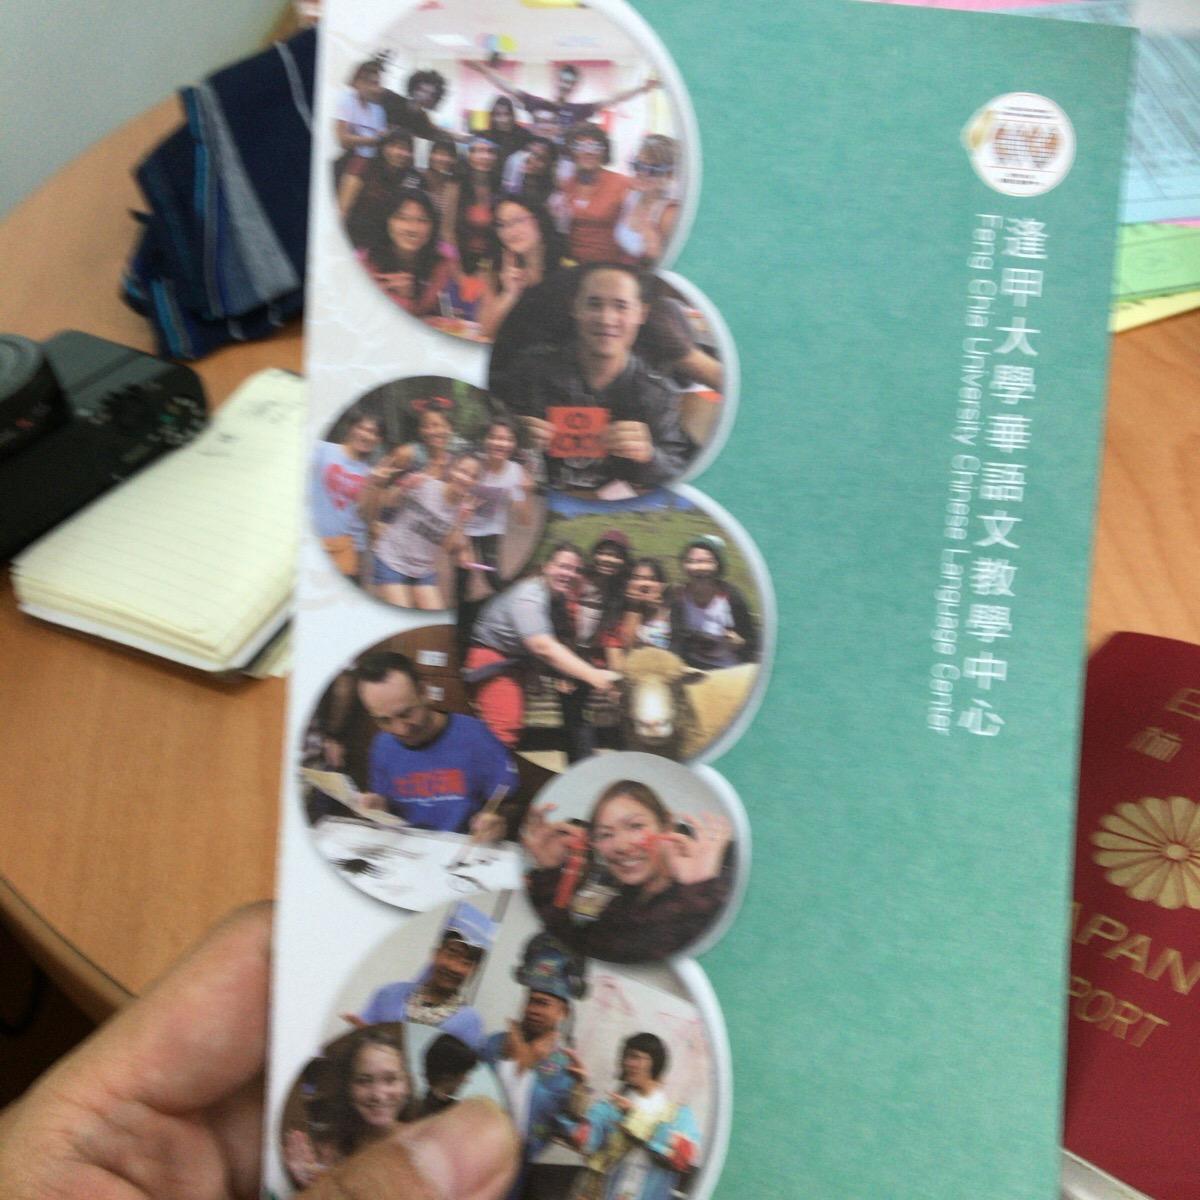 台湾・台中にある逢甲大学の中国語学校へ見学へ行くつもりが入学手続きもしてしまったよ。cubさん9月から学生になる予定です!